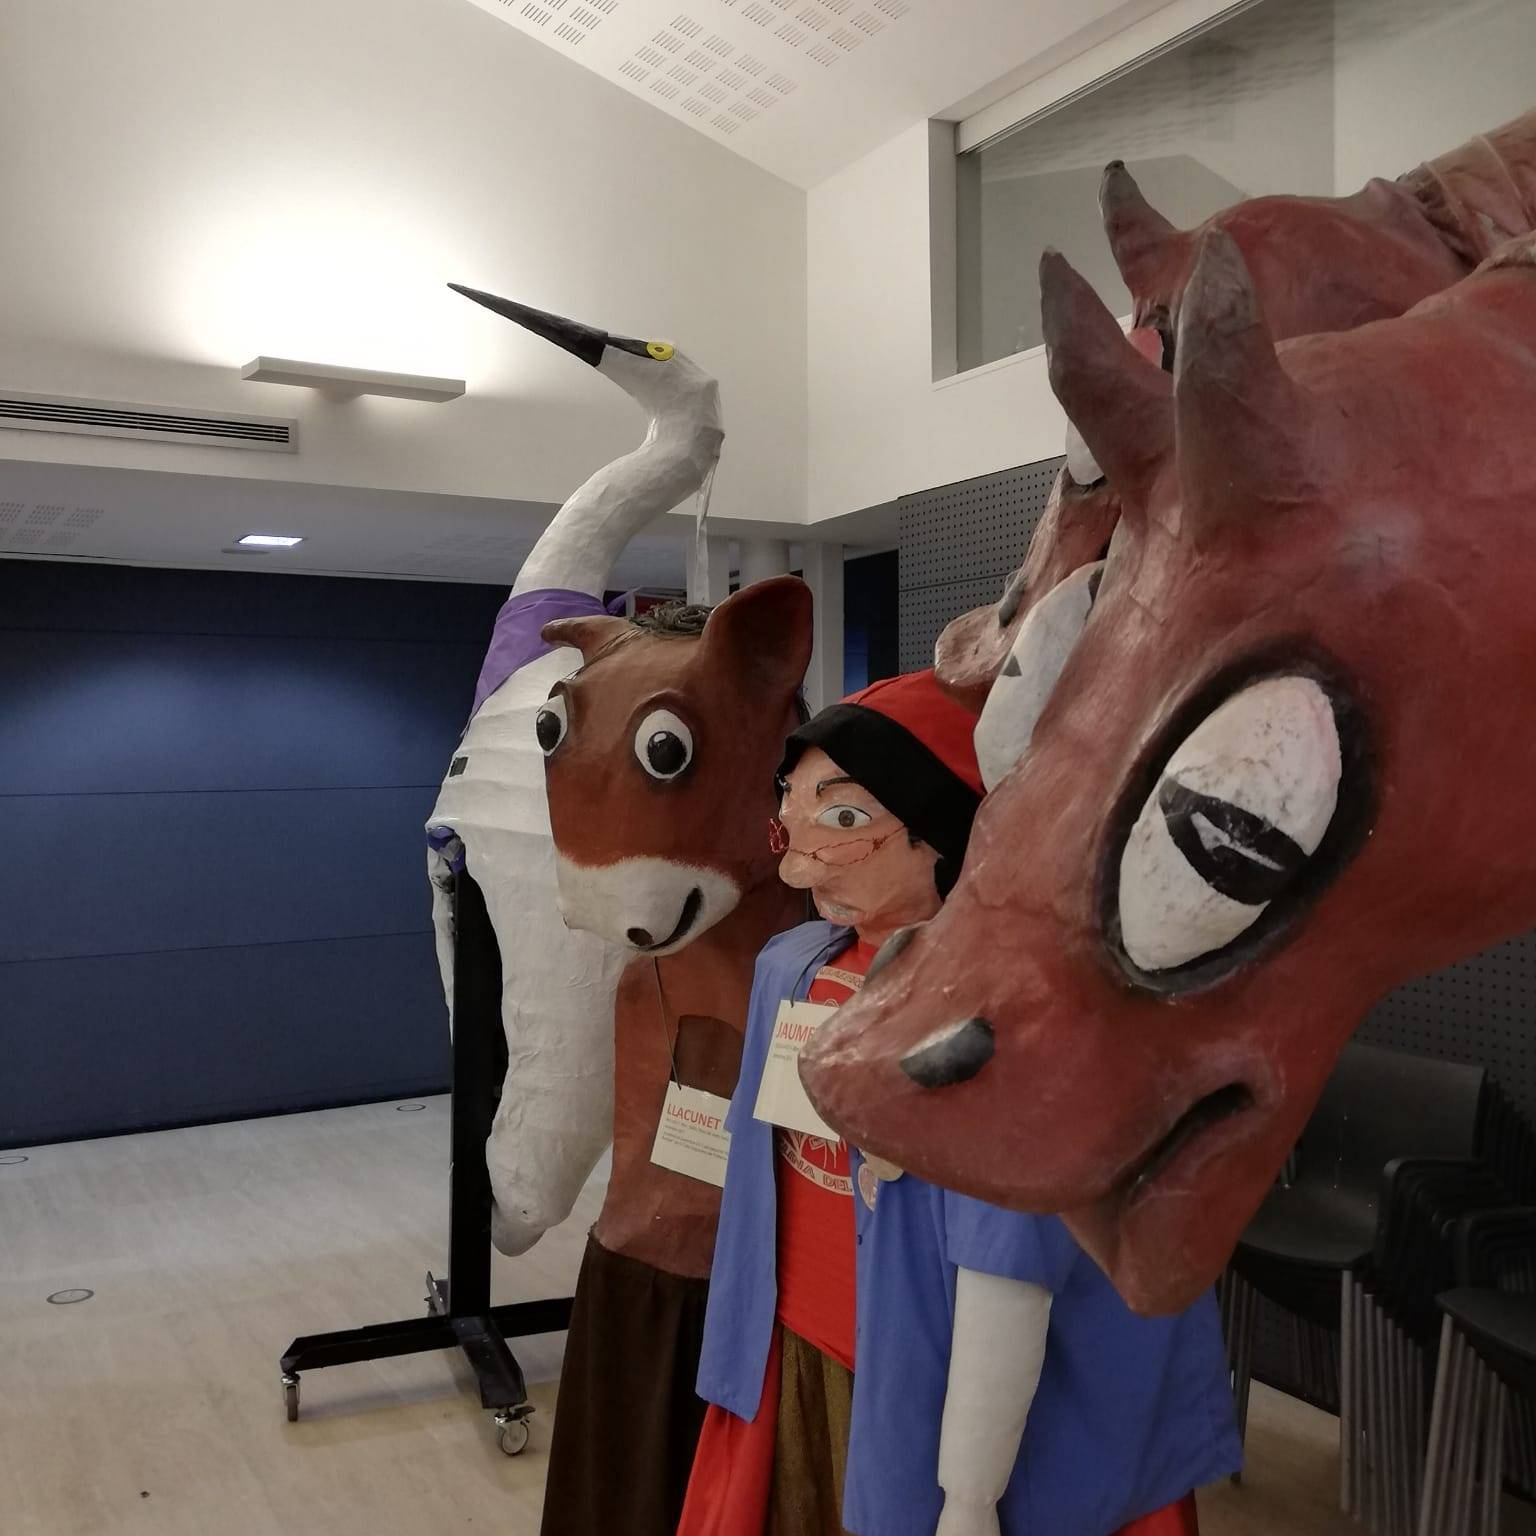 Tina i capgrossos d'altres escoles a l'exposició de Can Saladrigas